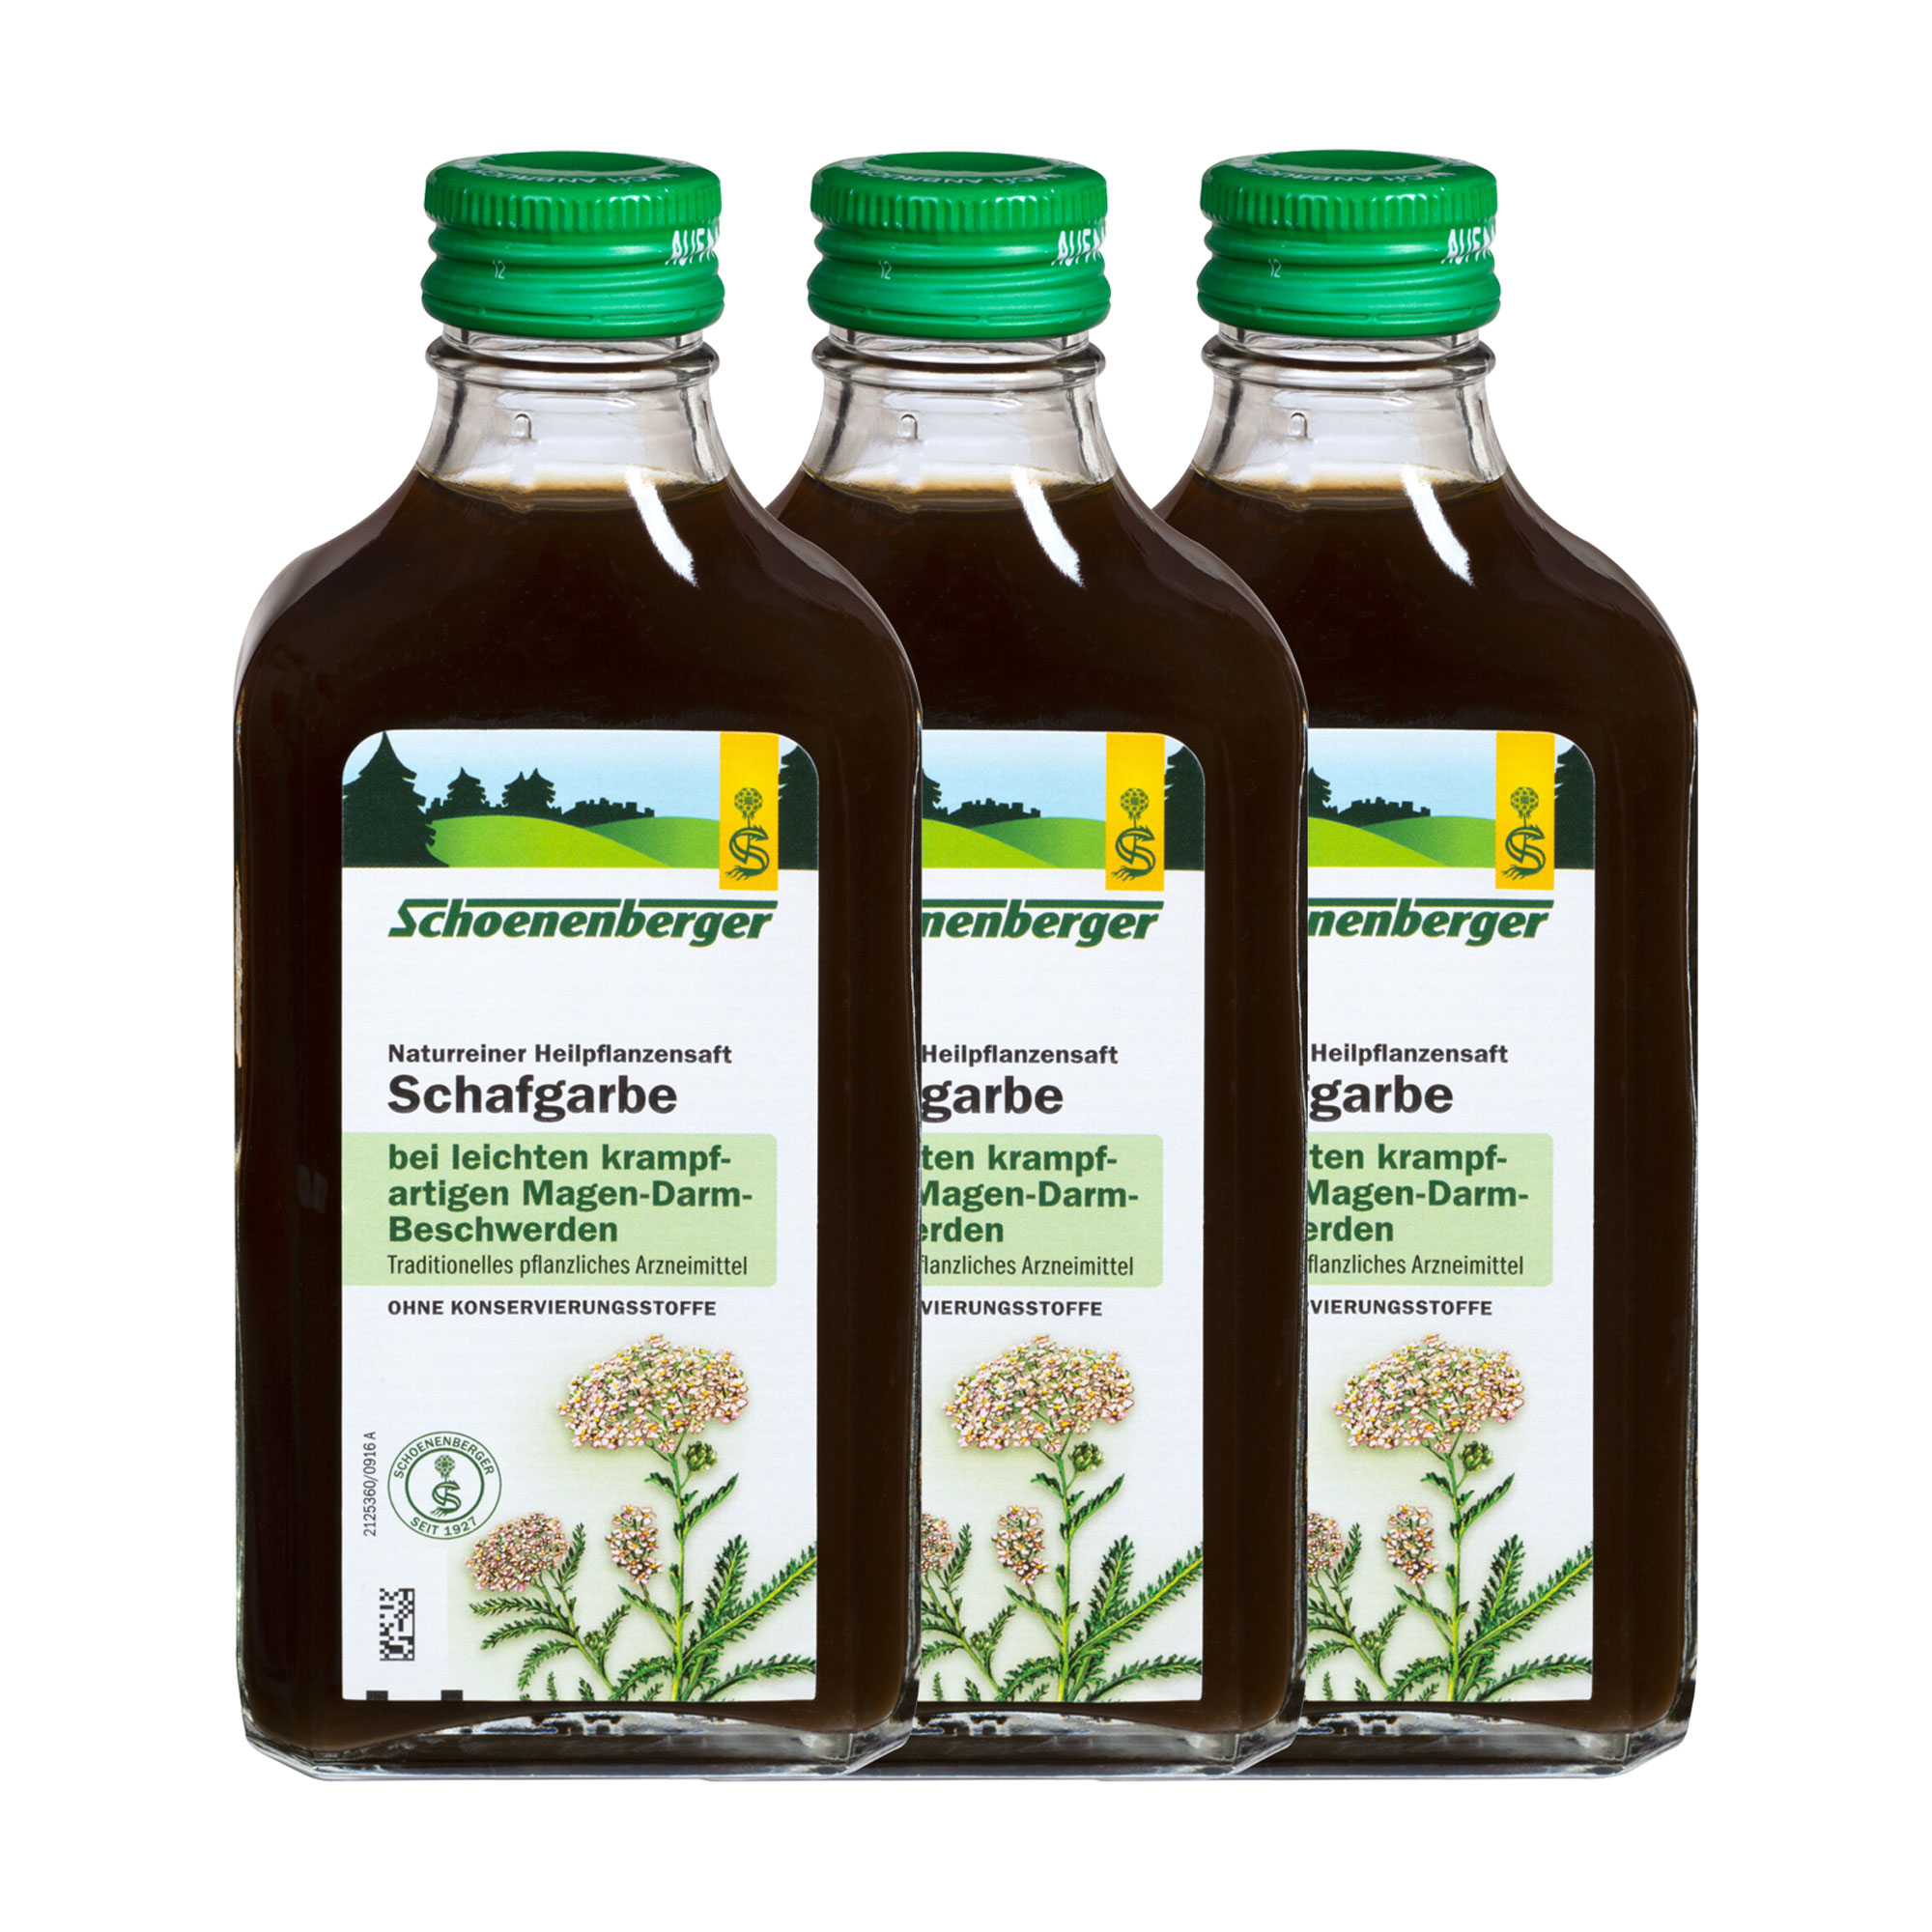 Schafgabe Schoenenberger Saft